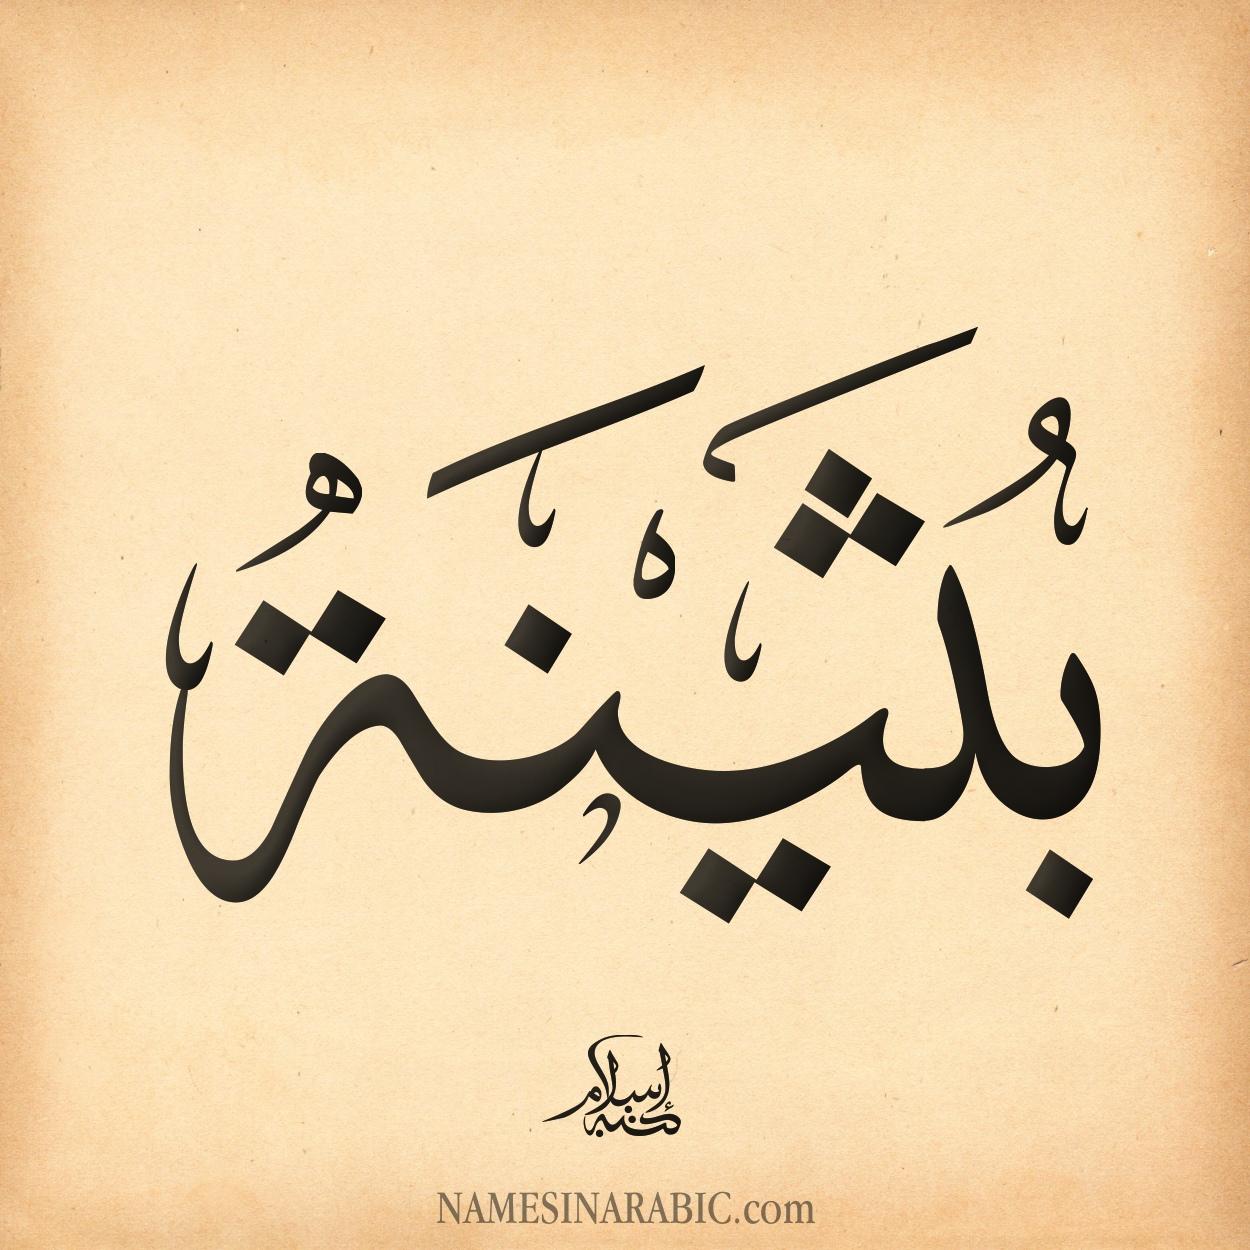 صورة اسم بُثَيْنَة BOTHAINAH اسم بُثَيْنَة بالخط العربي من موقع الأسماء بالخط العربي بريشة الفنان إسلام ابن الفضل